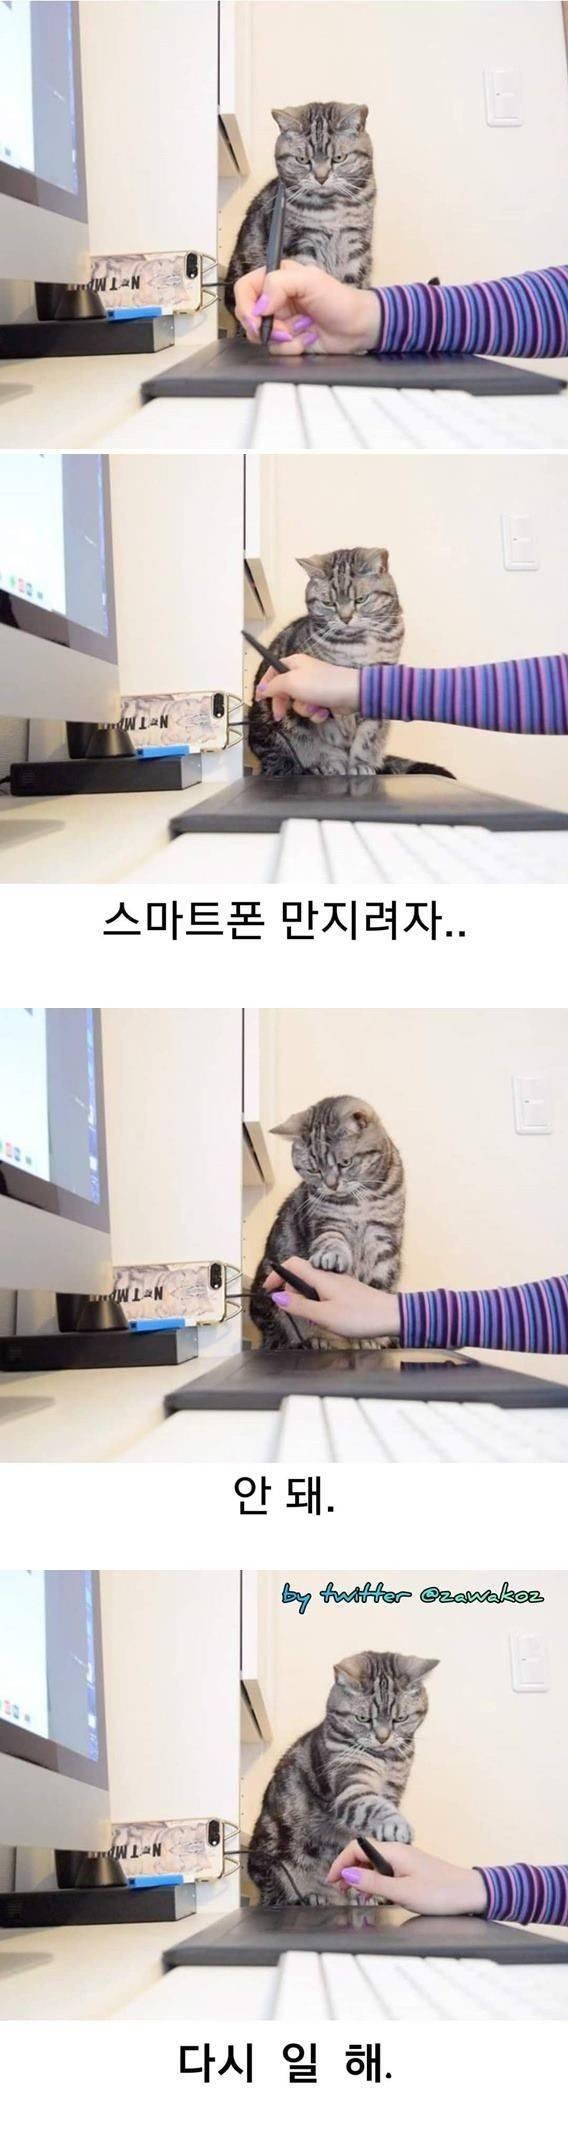 고양이재택근무감독관.jpeg